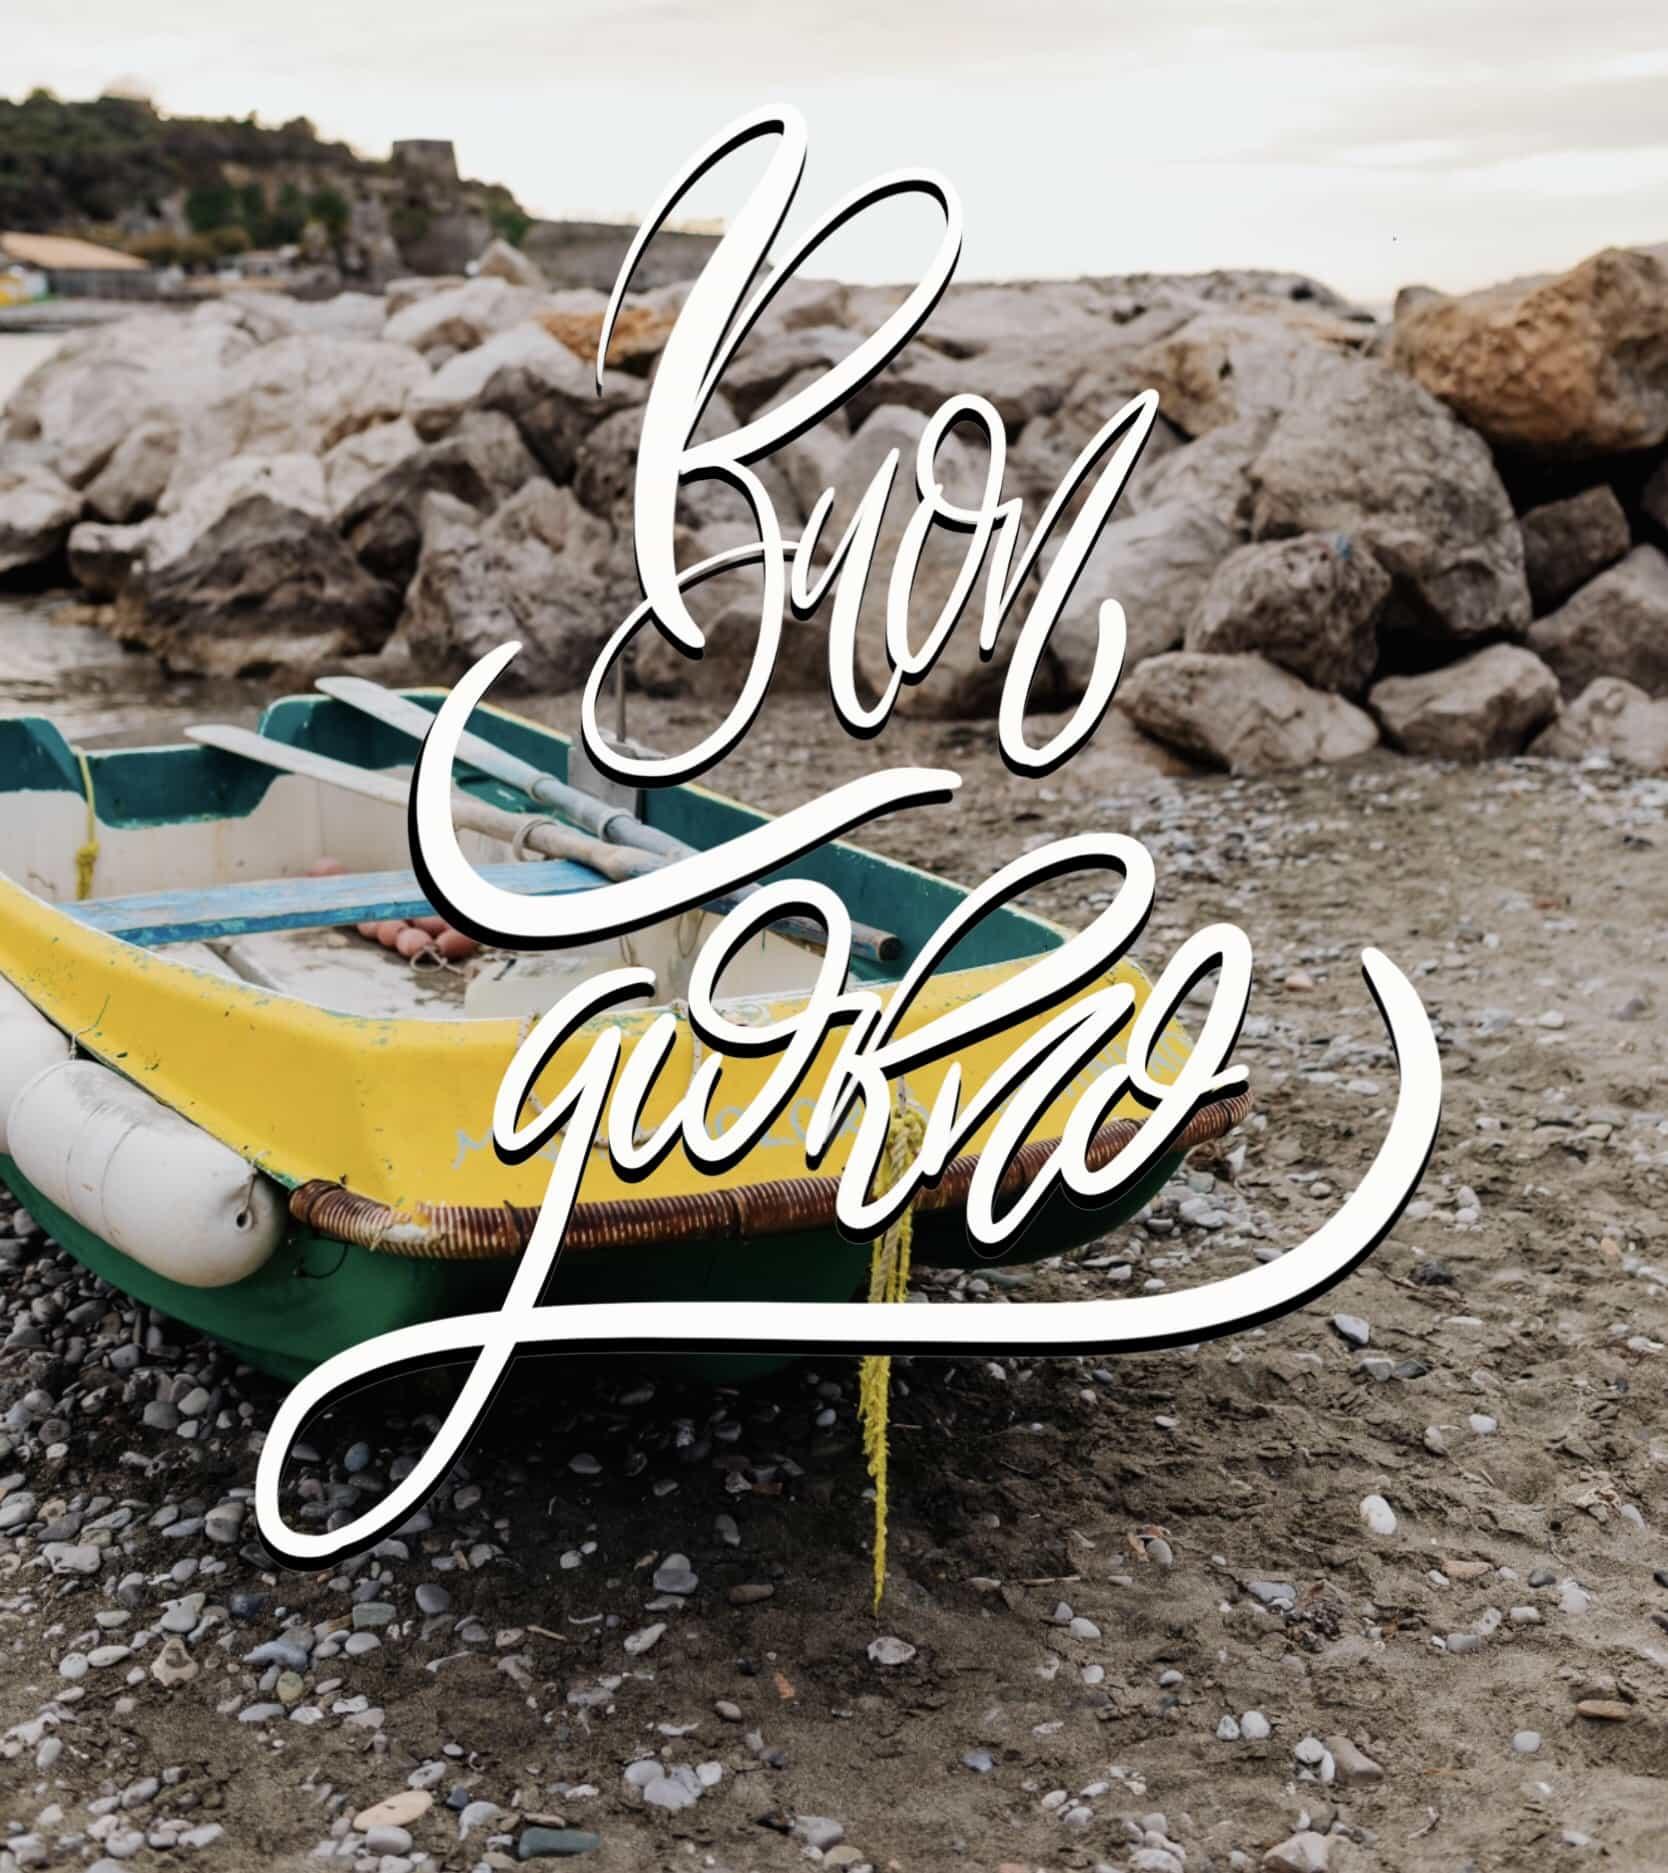 Immagini buona passegiata sul mare buongiorno